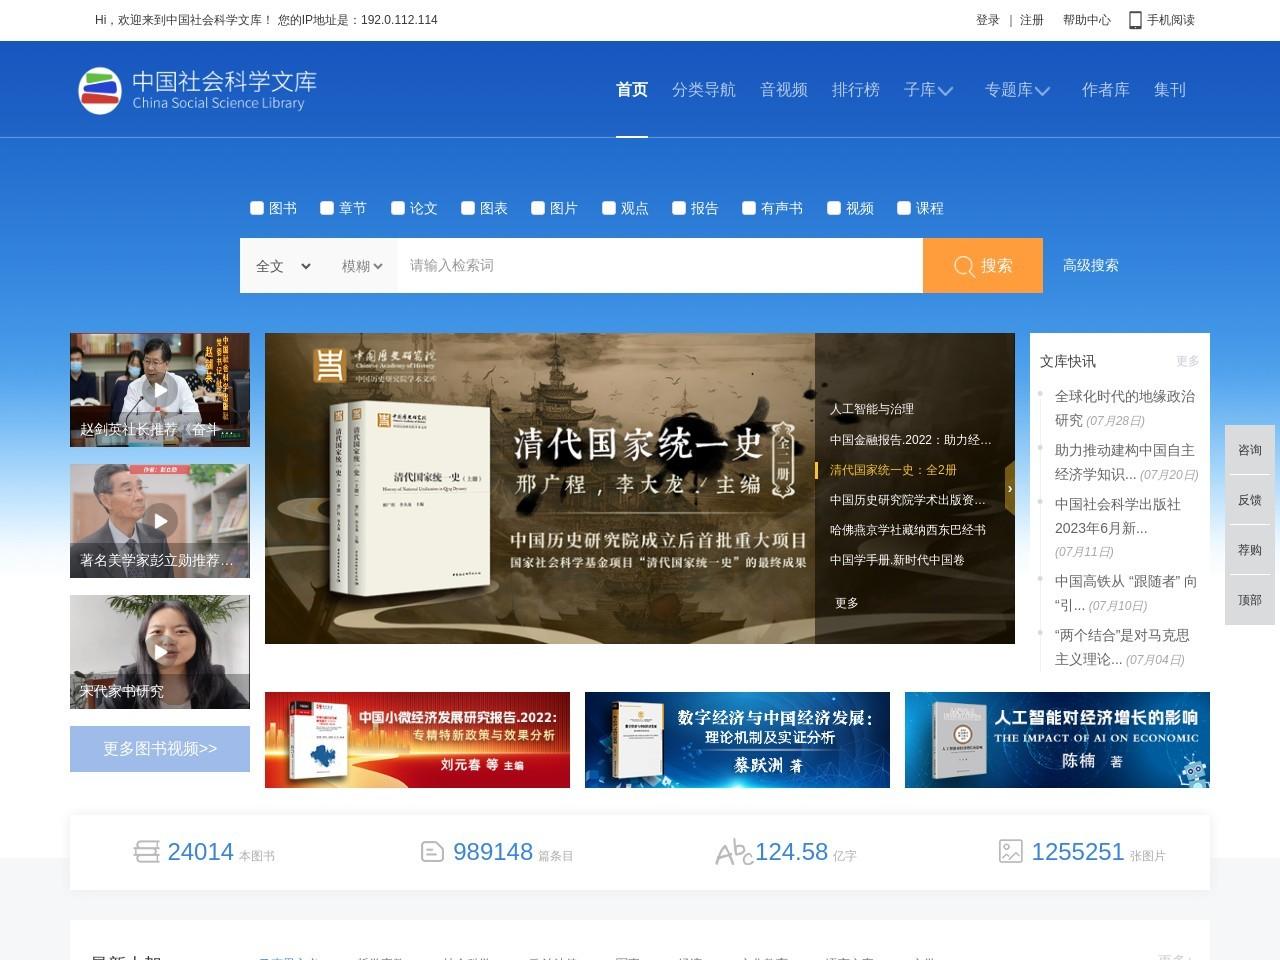 中国社会科学文库